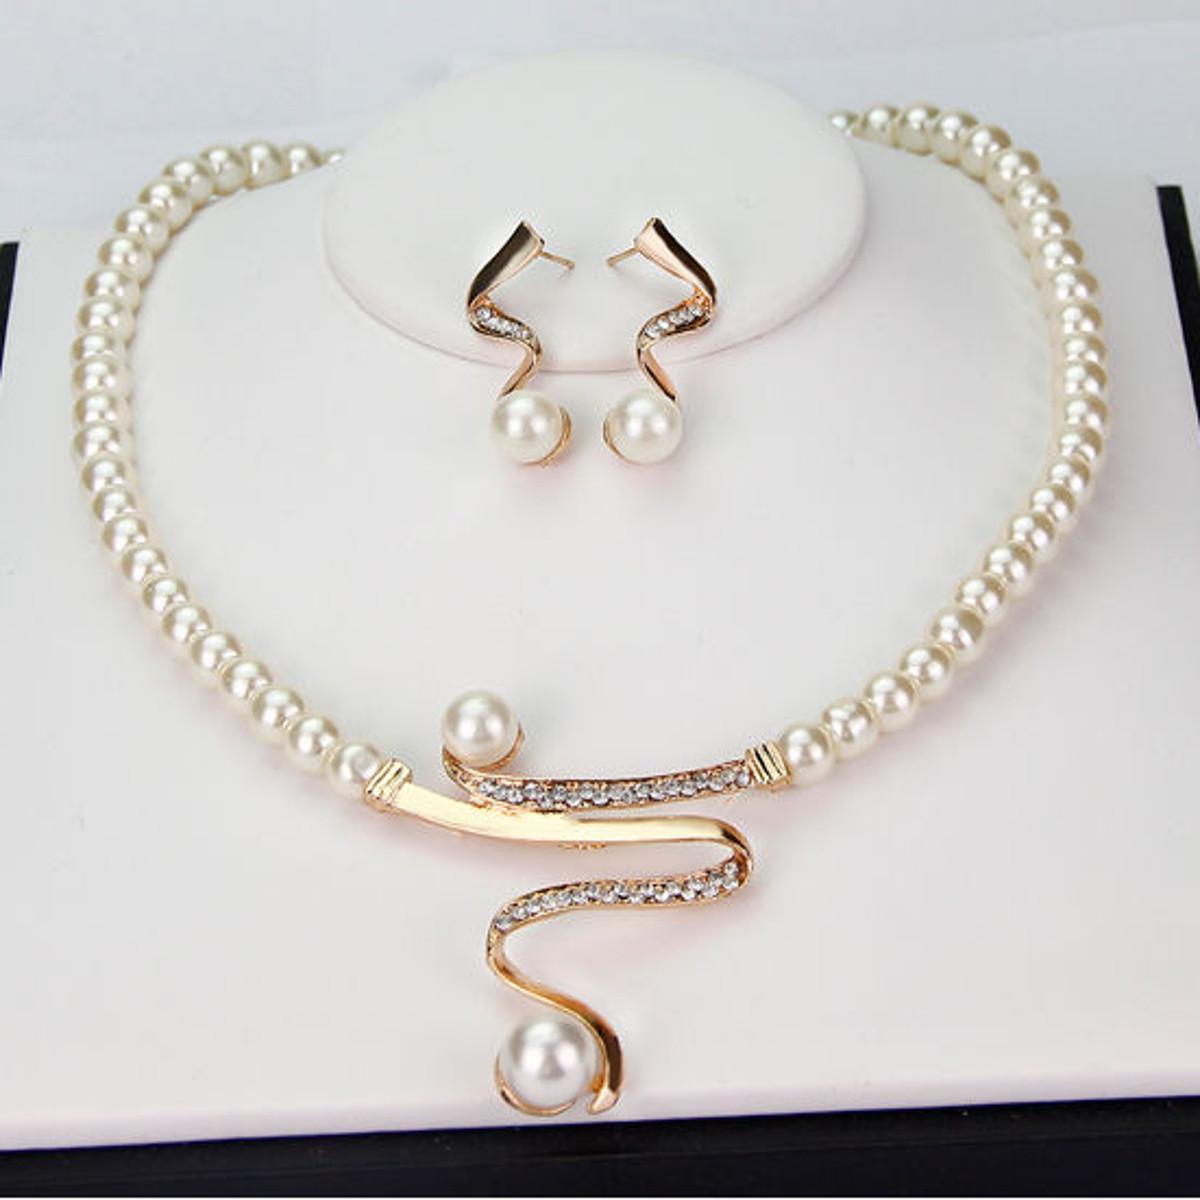 Женщины жемчужина стразами ожерелье серьги комплект ювелирных изделий для Свадебные партии фото